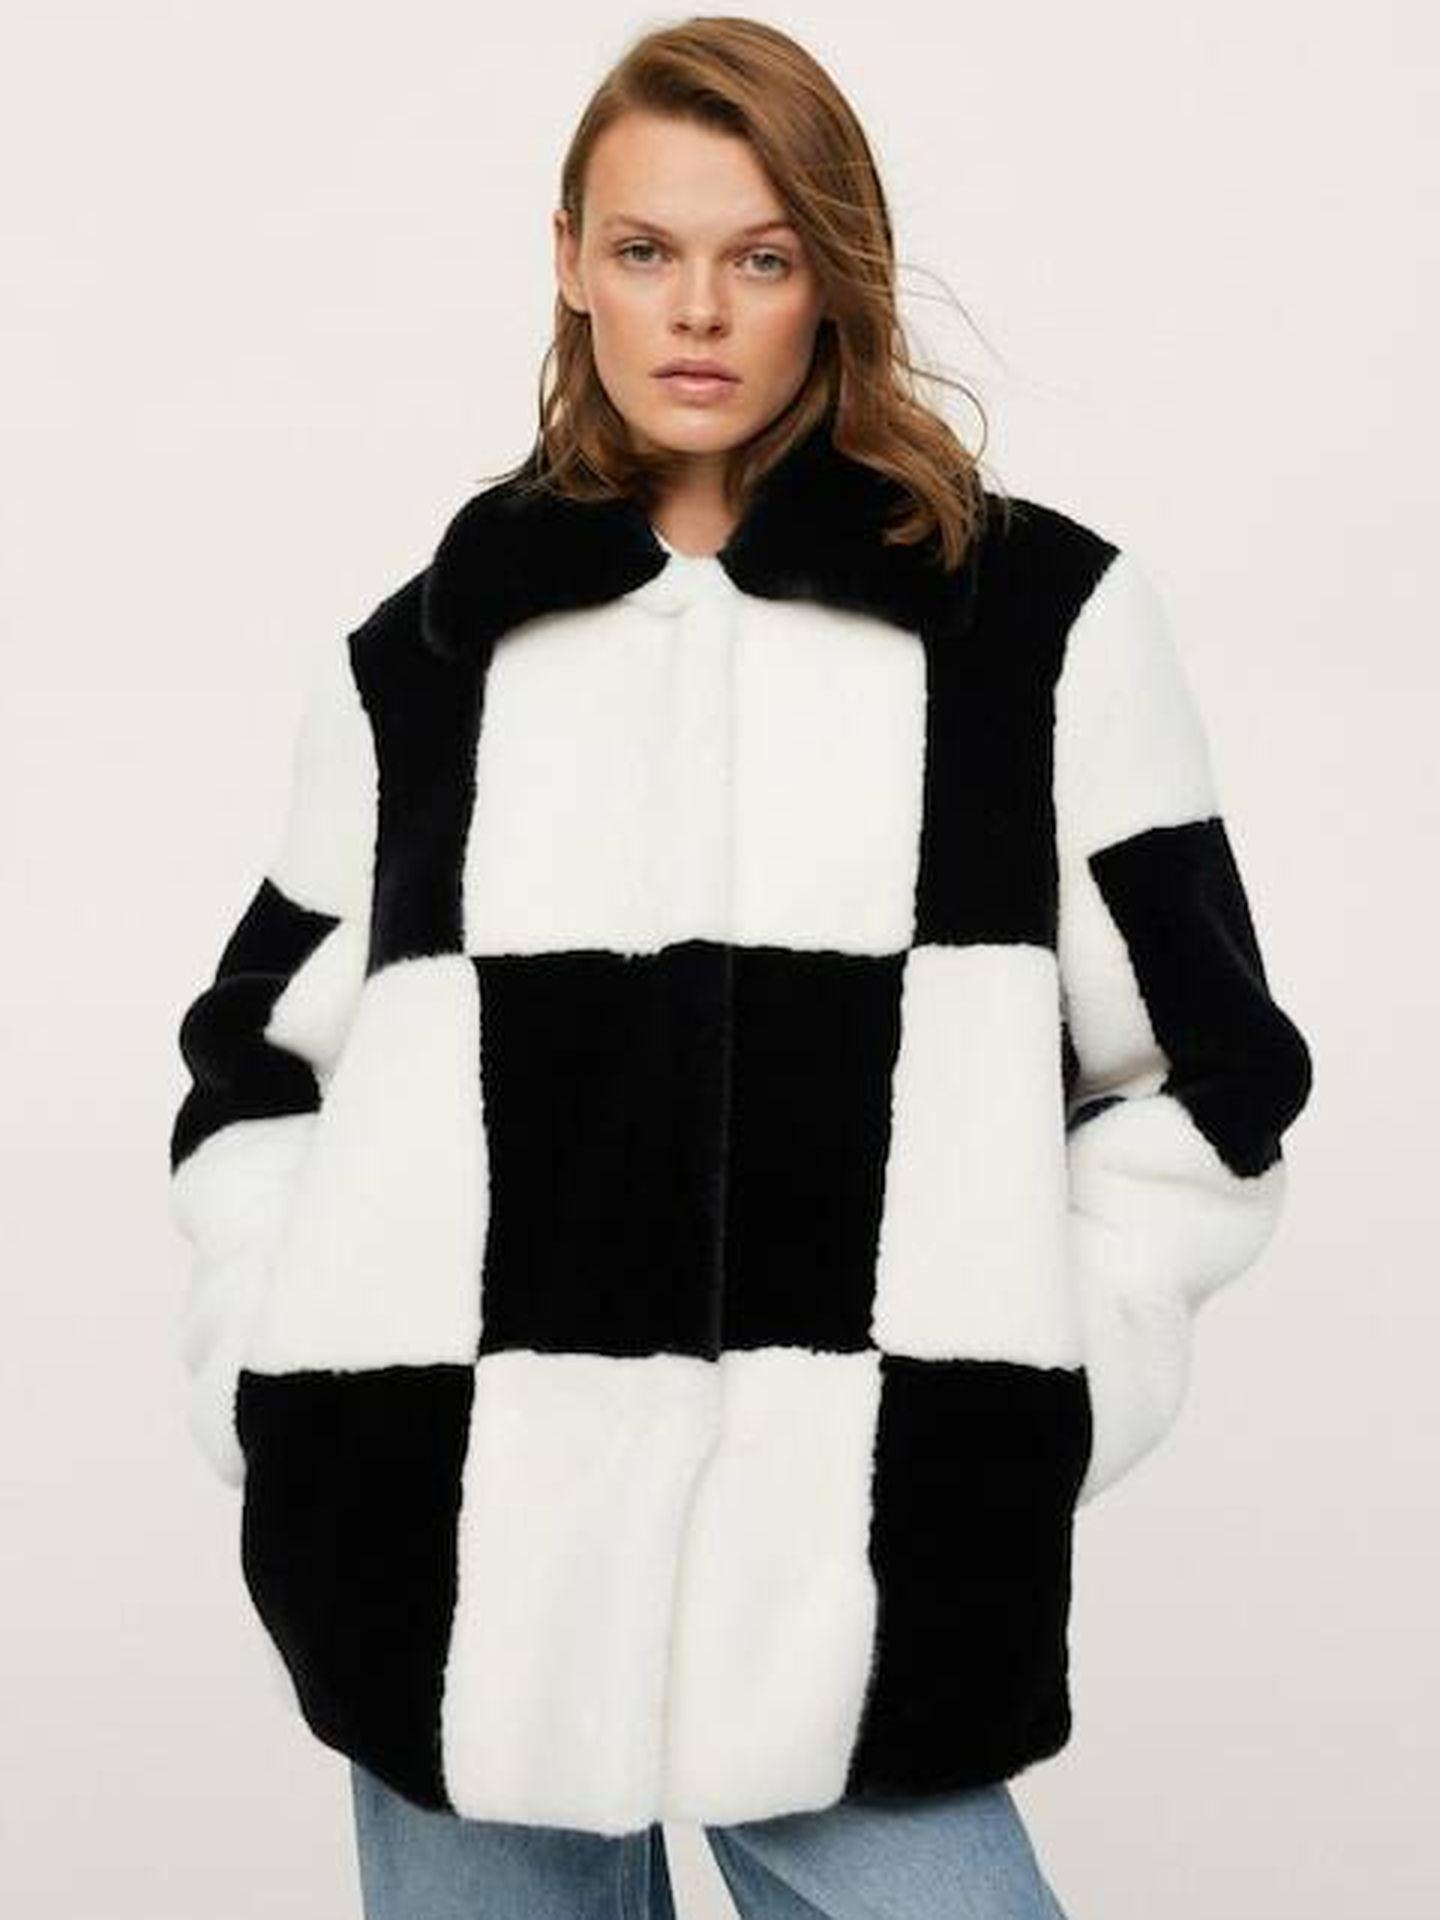 El abrigo tablero de ajedrez de Mango. (Cortesía)